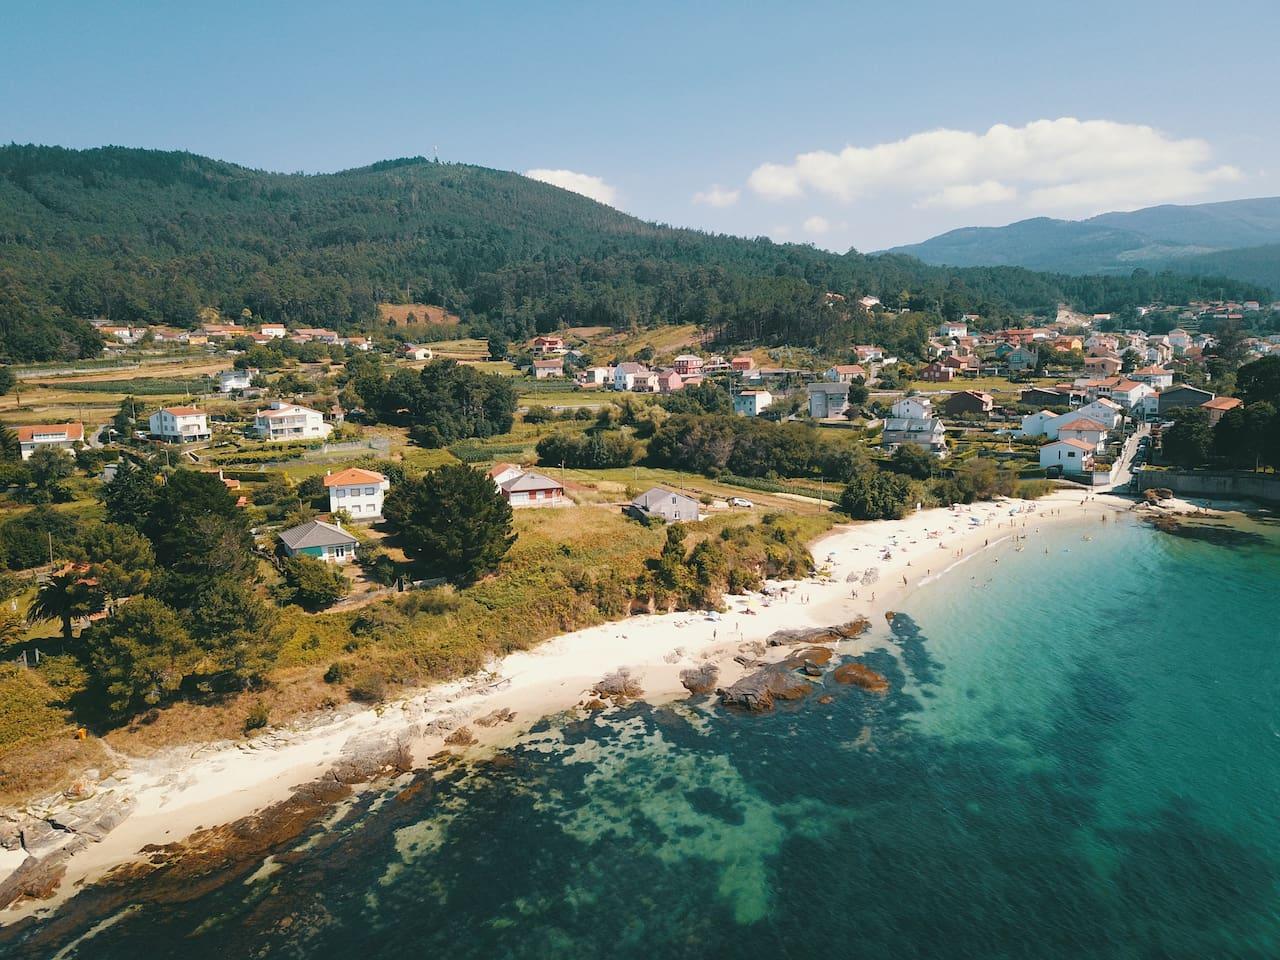 """Boa y sus playas. Ésta y otras fotos es un regalo de Baoluo, uno de mis huéspedes. A tan sólo 200 metros se encuentra la casa de """"O Castro""""."""